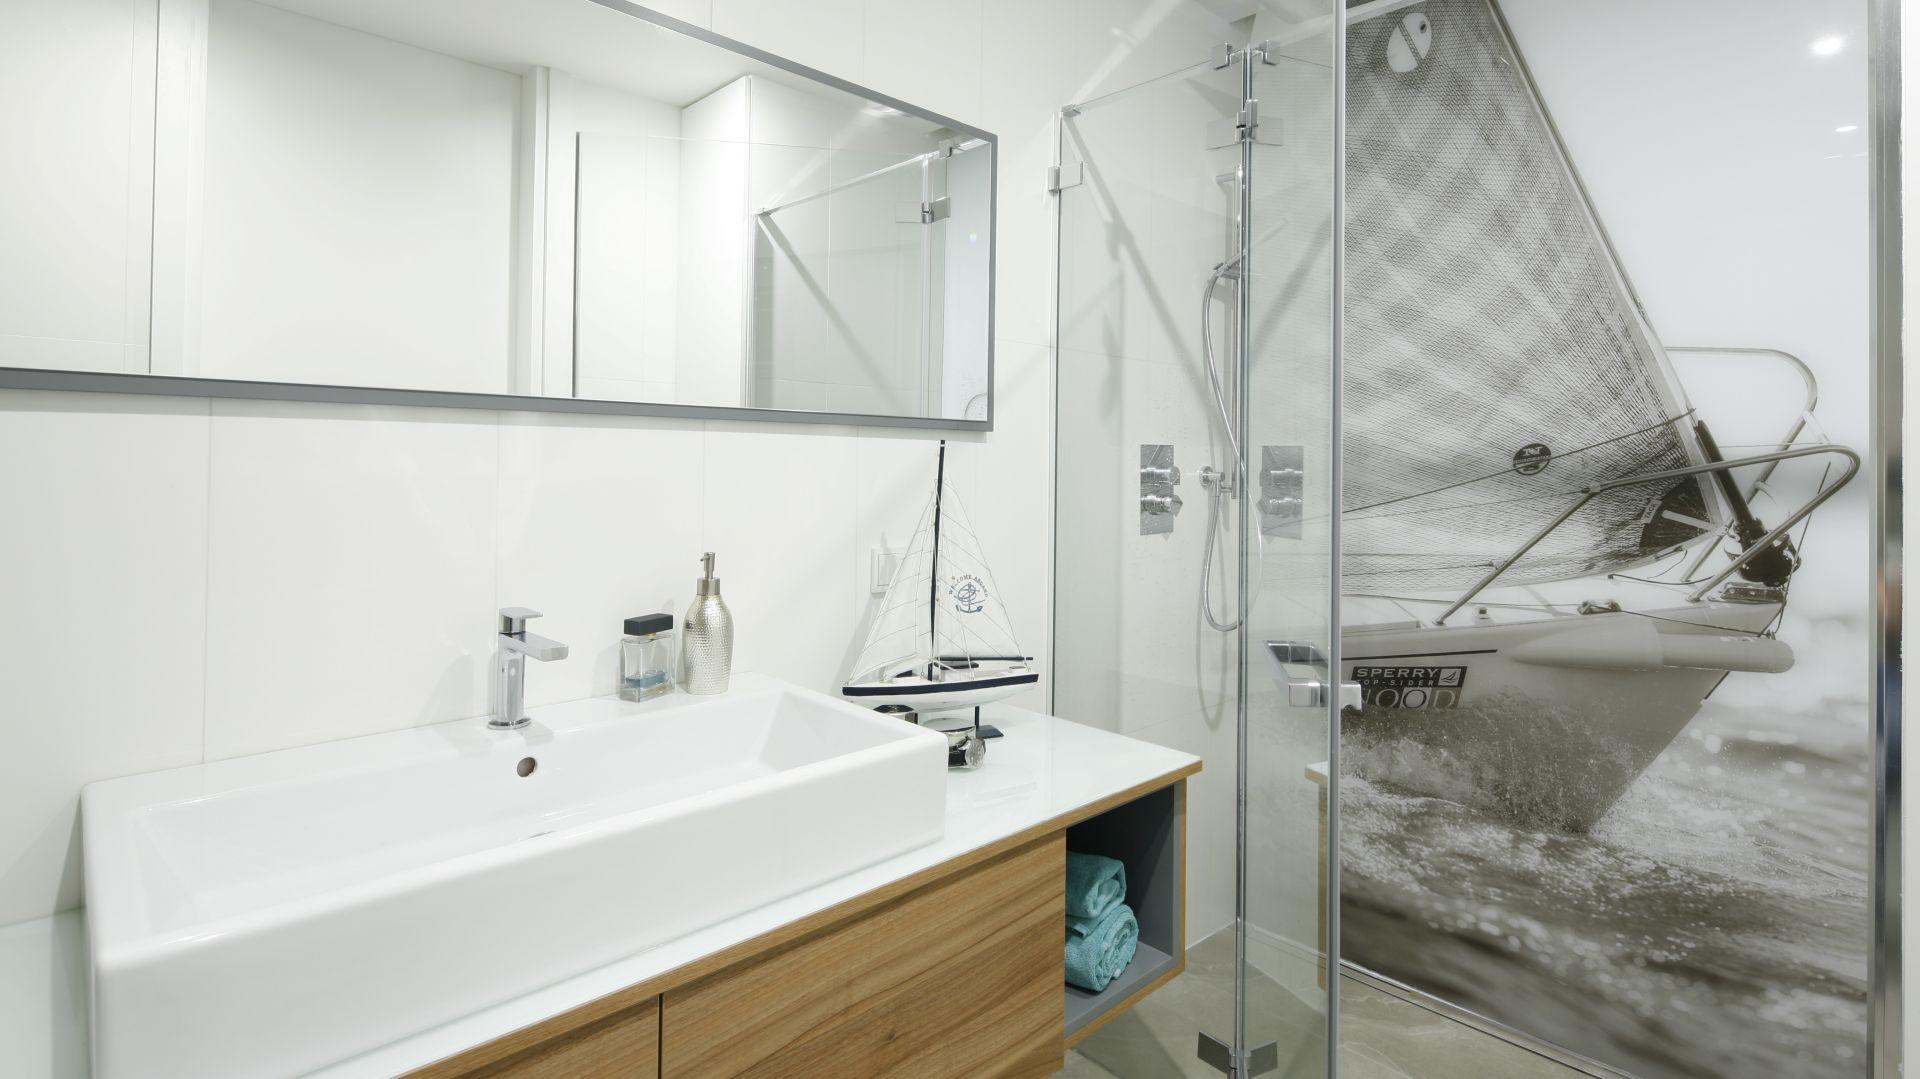 Łazienka z prysznicem. Projekt: Przemek Kuśmierek. Fot. Bartosz Jarosz